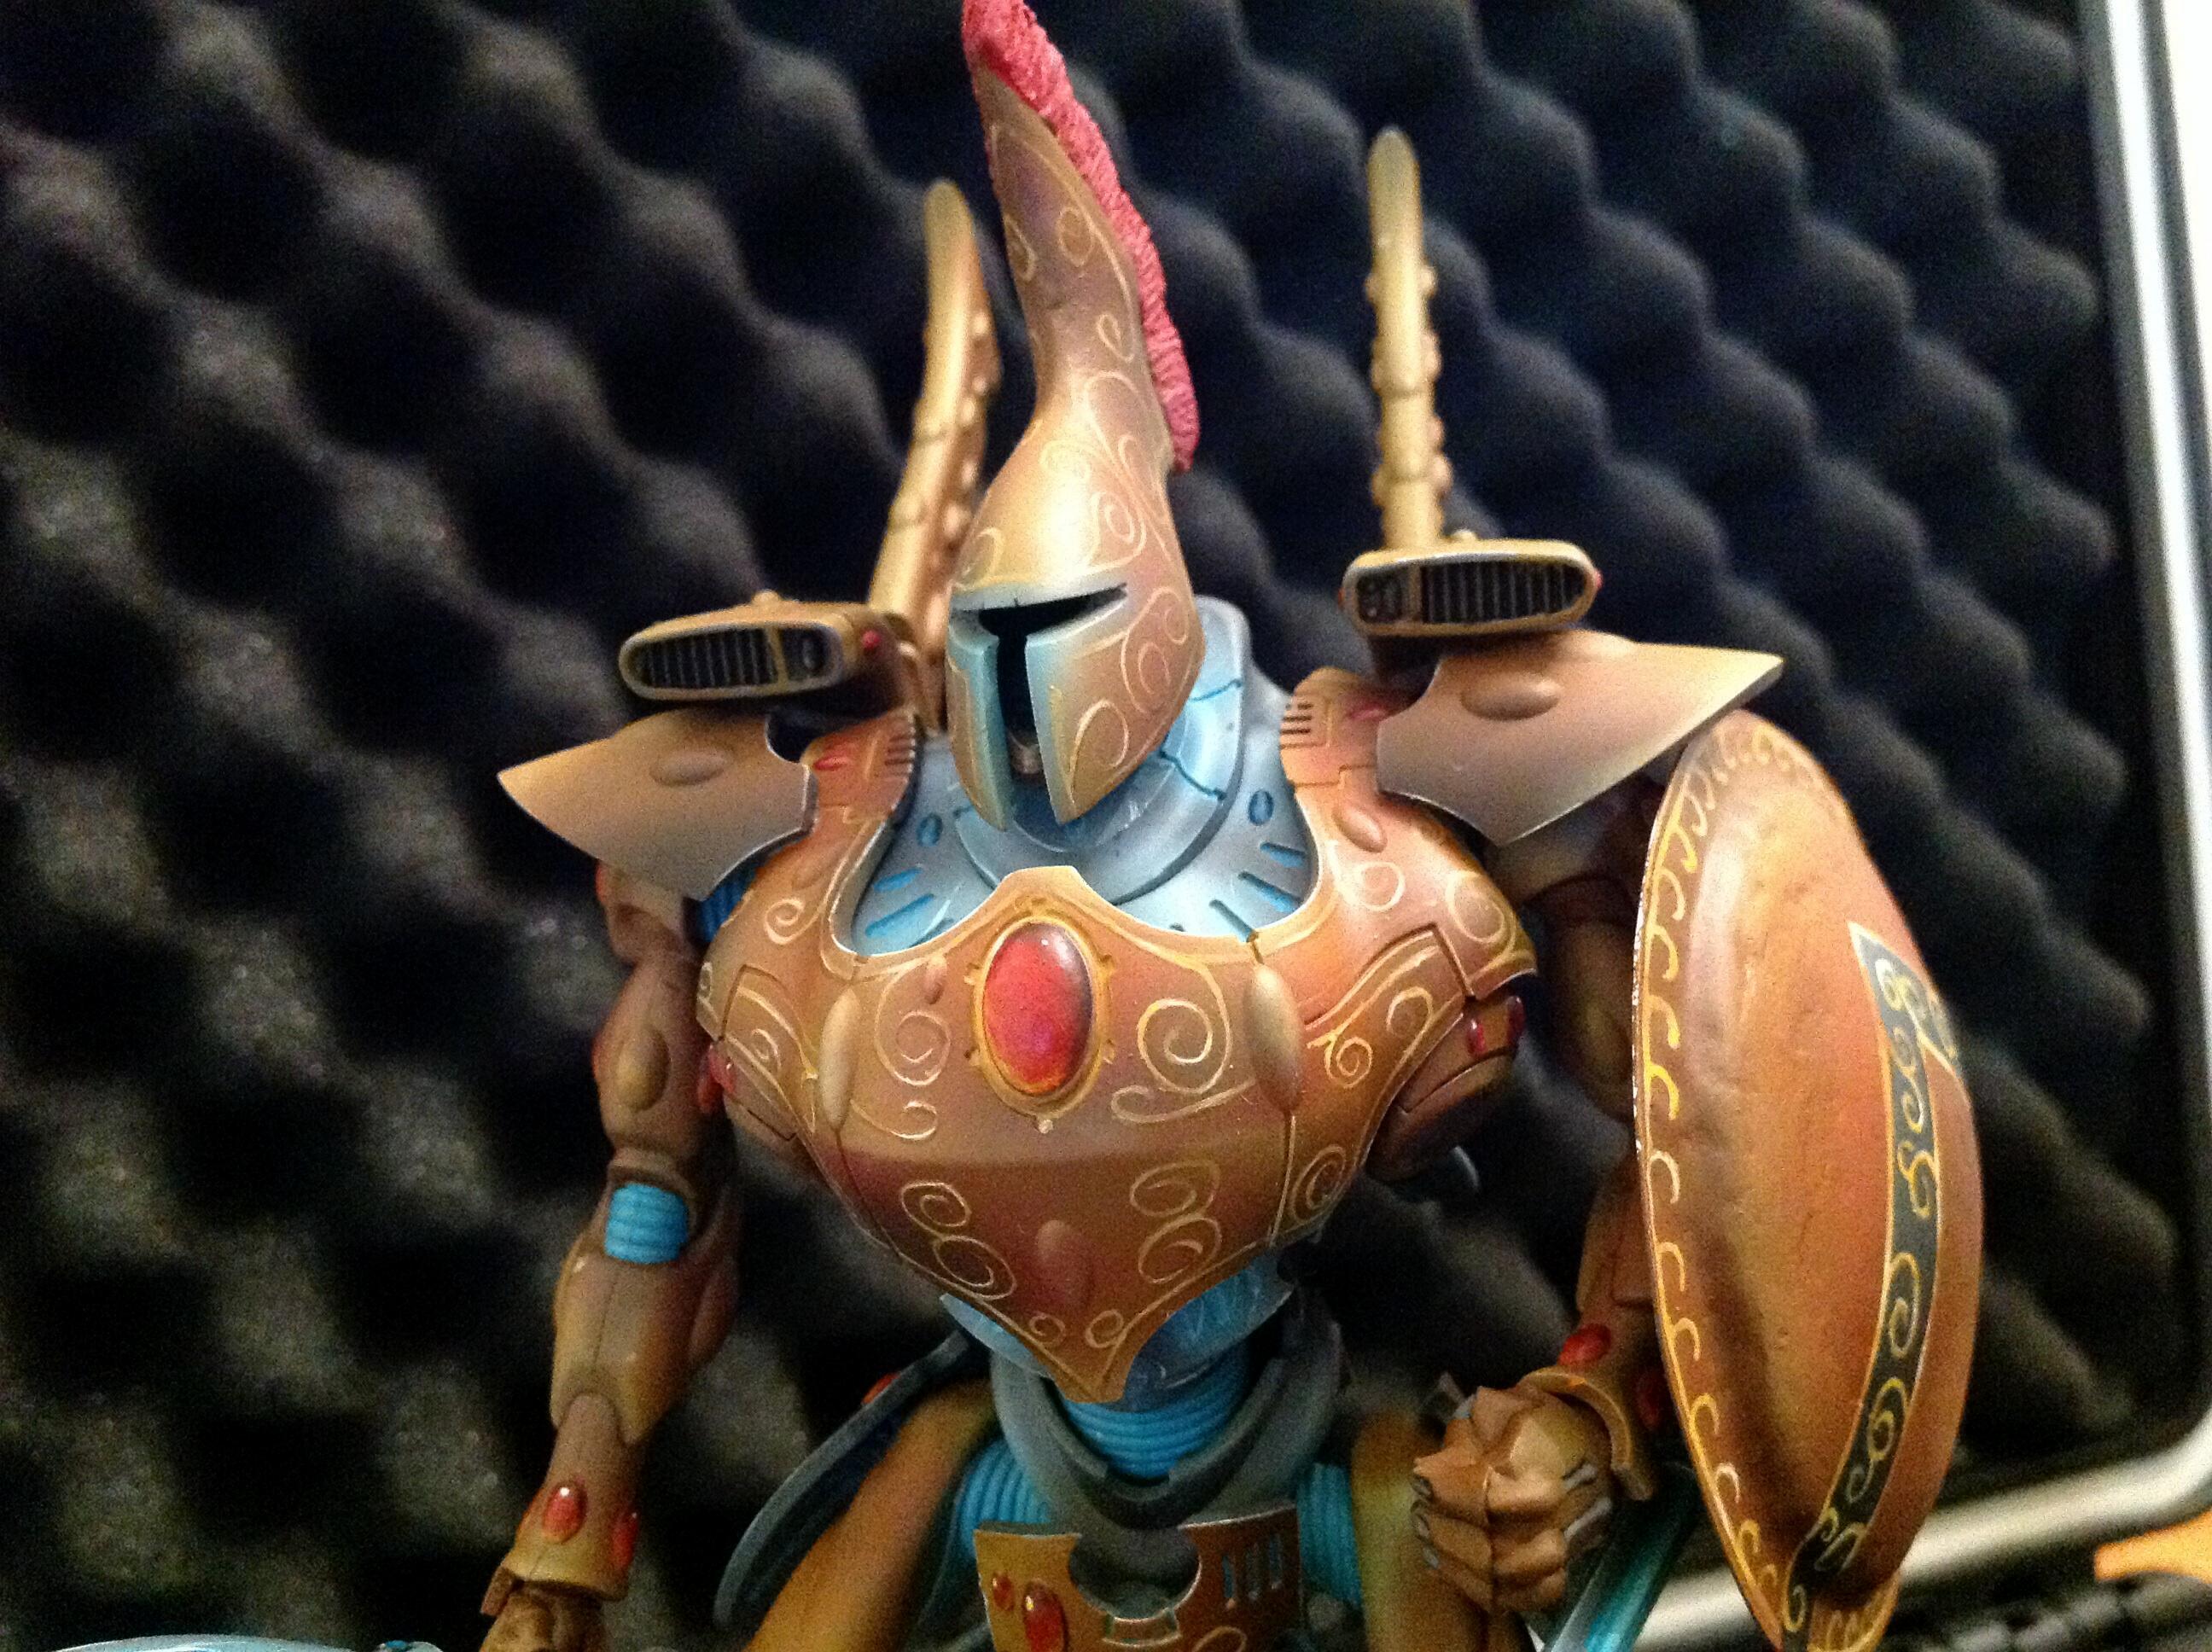 Wraith Knight, Spartan wraith knight